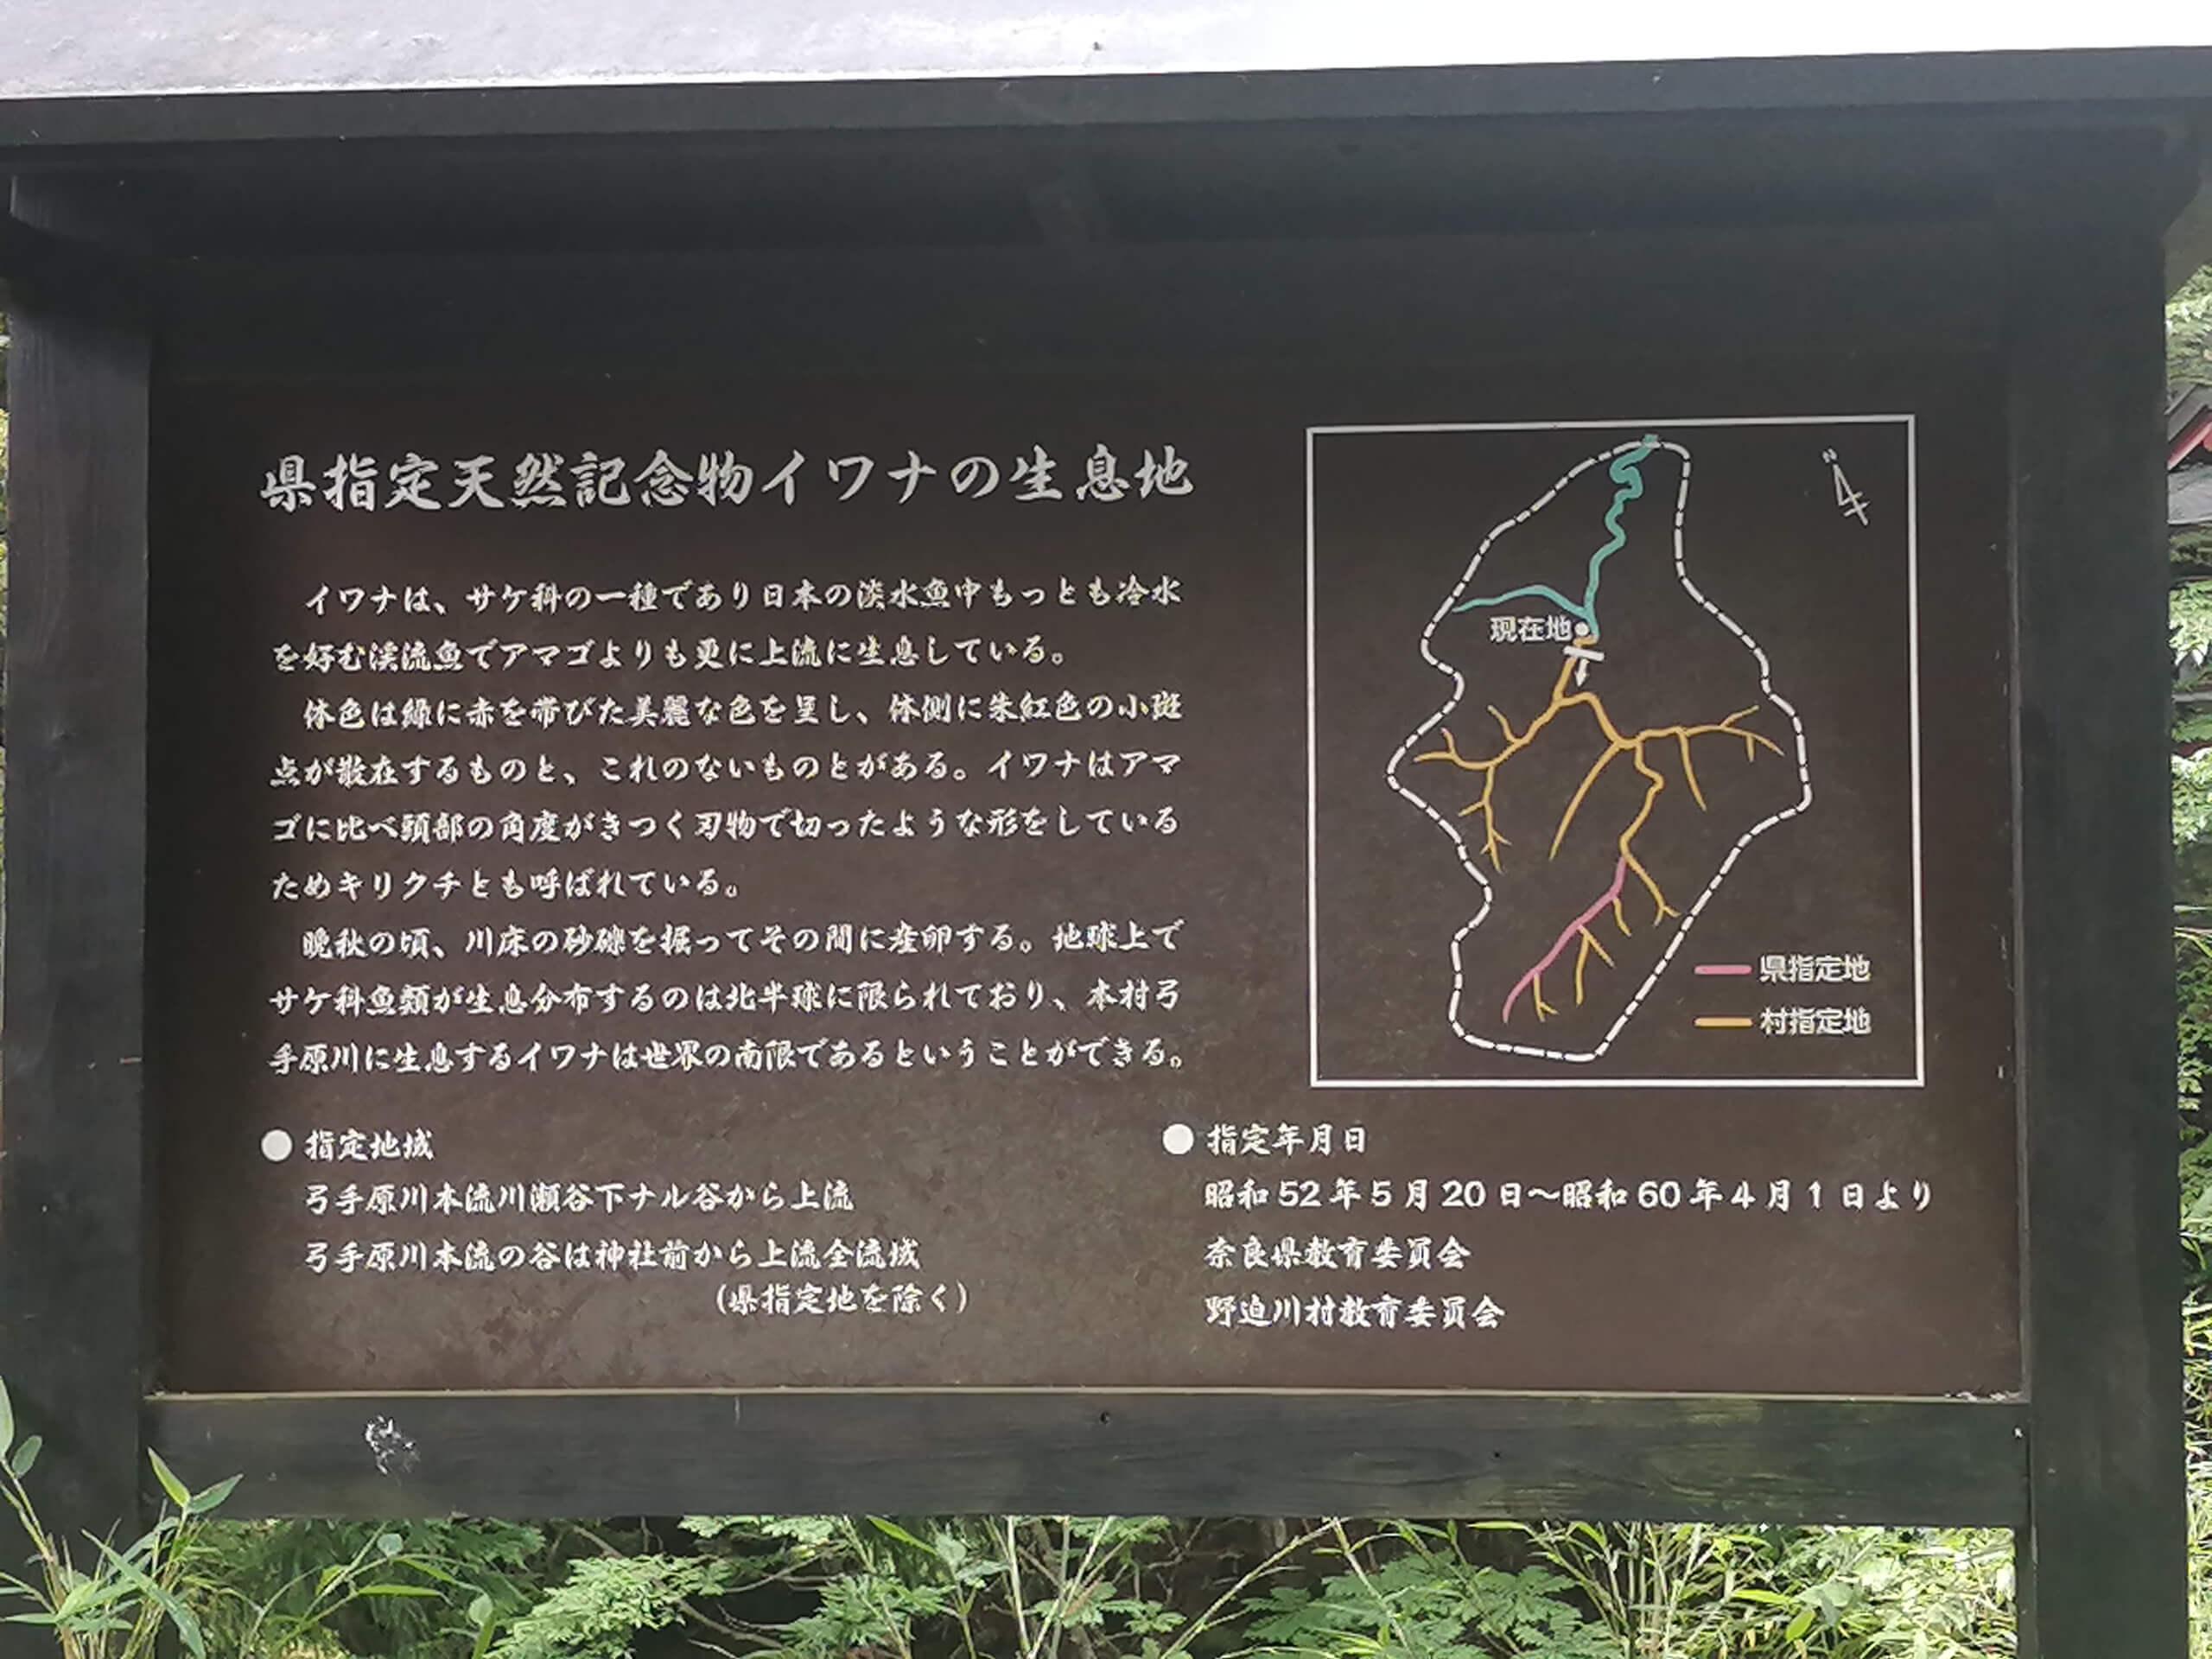 奈良弓手原のキリクチマップ